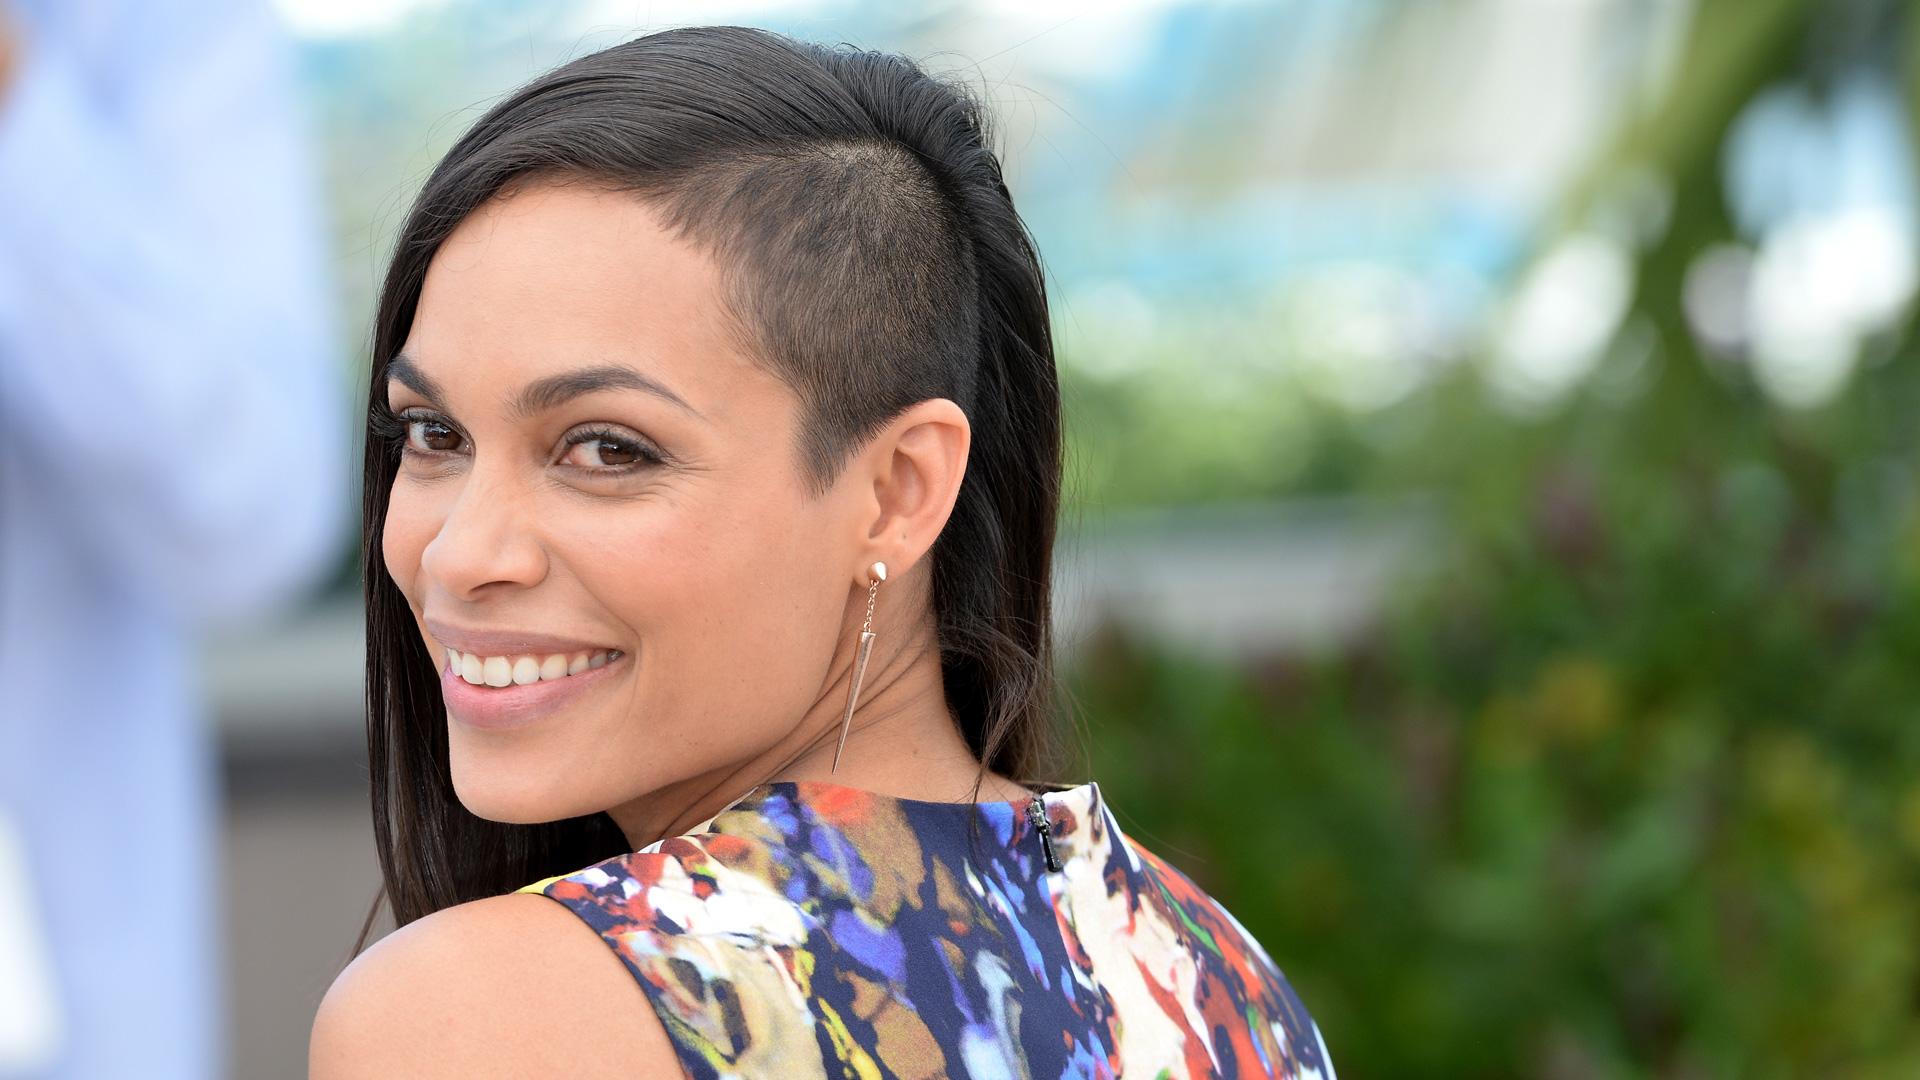 Rosario Dawson rocks hip haircut